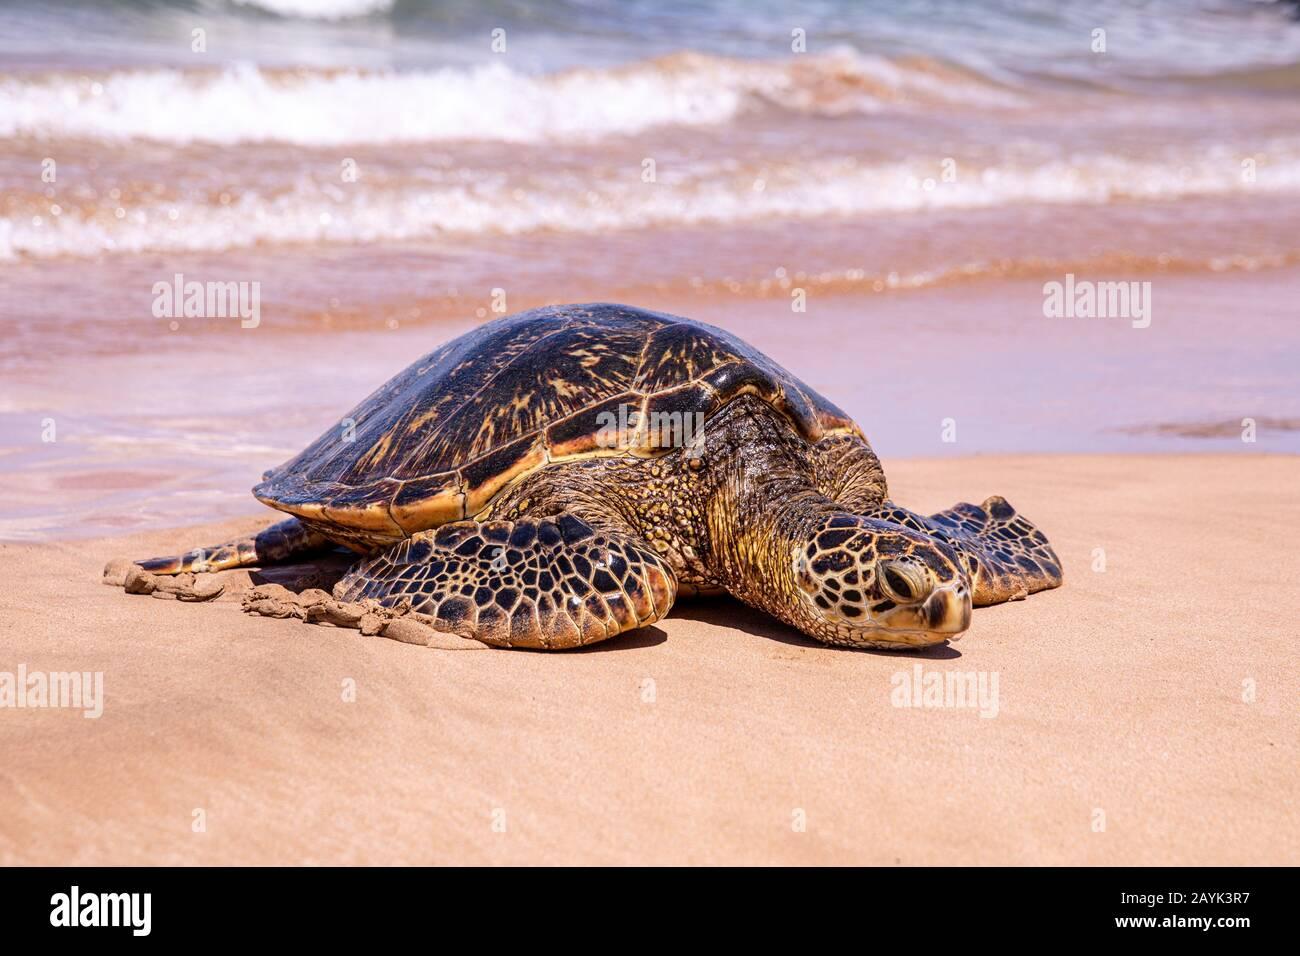 Foto de cerca de una tortuga verde en una playa Kamaole III, Maui Hawaii. Una joven tortuga verde se arrastró en una playa llena de gente en un día soleado Foto de stock